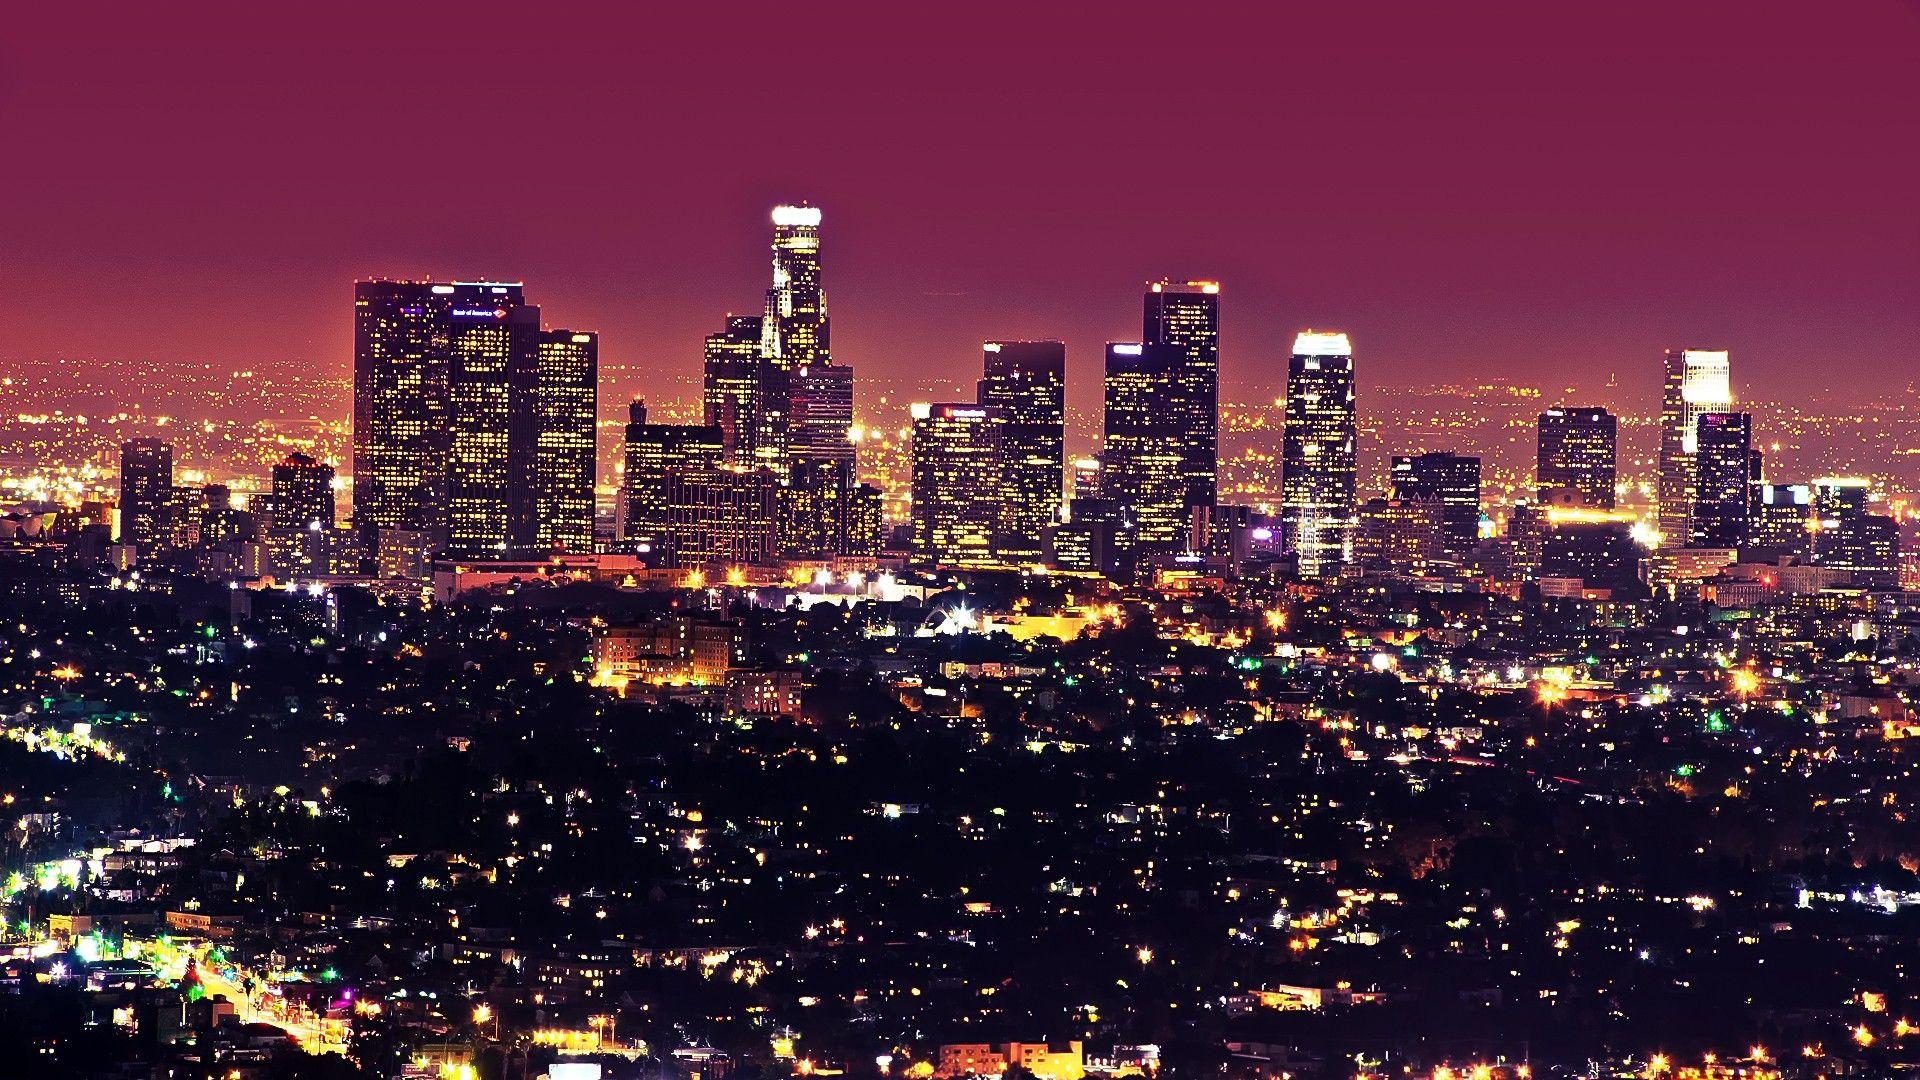 Download Los Angeles Wallpaper Tumblr Wallpaper High Quality 2oa Wallpaper Jirih Com Los Angeles Tourism Los Angeles At Night Los Angeles Wallpaper